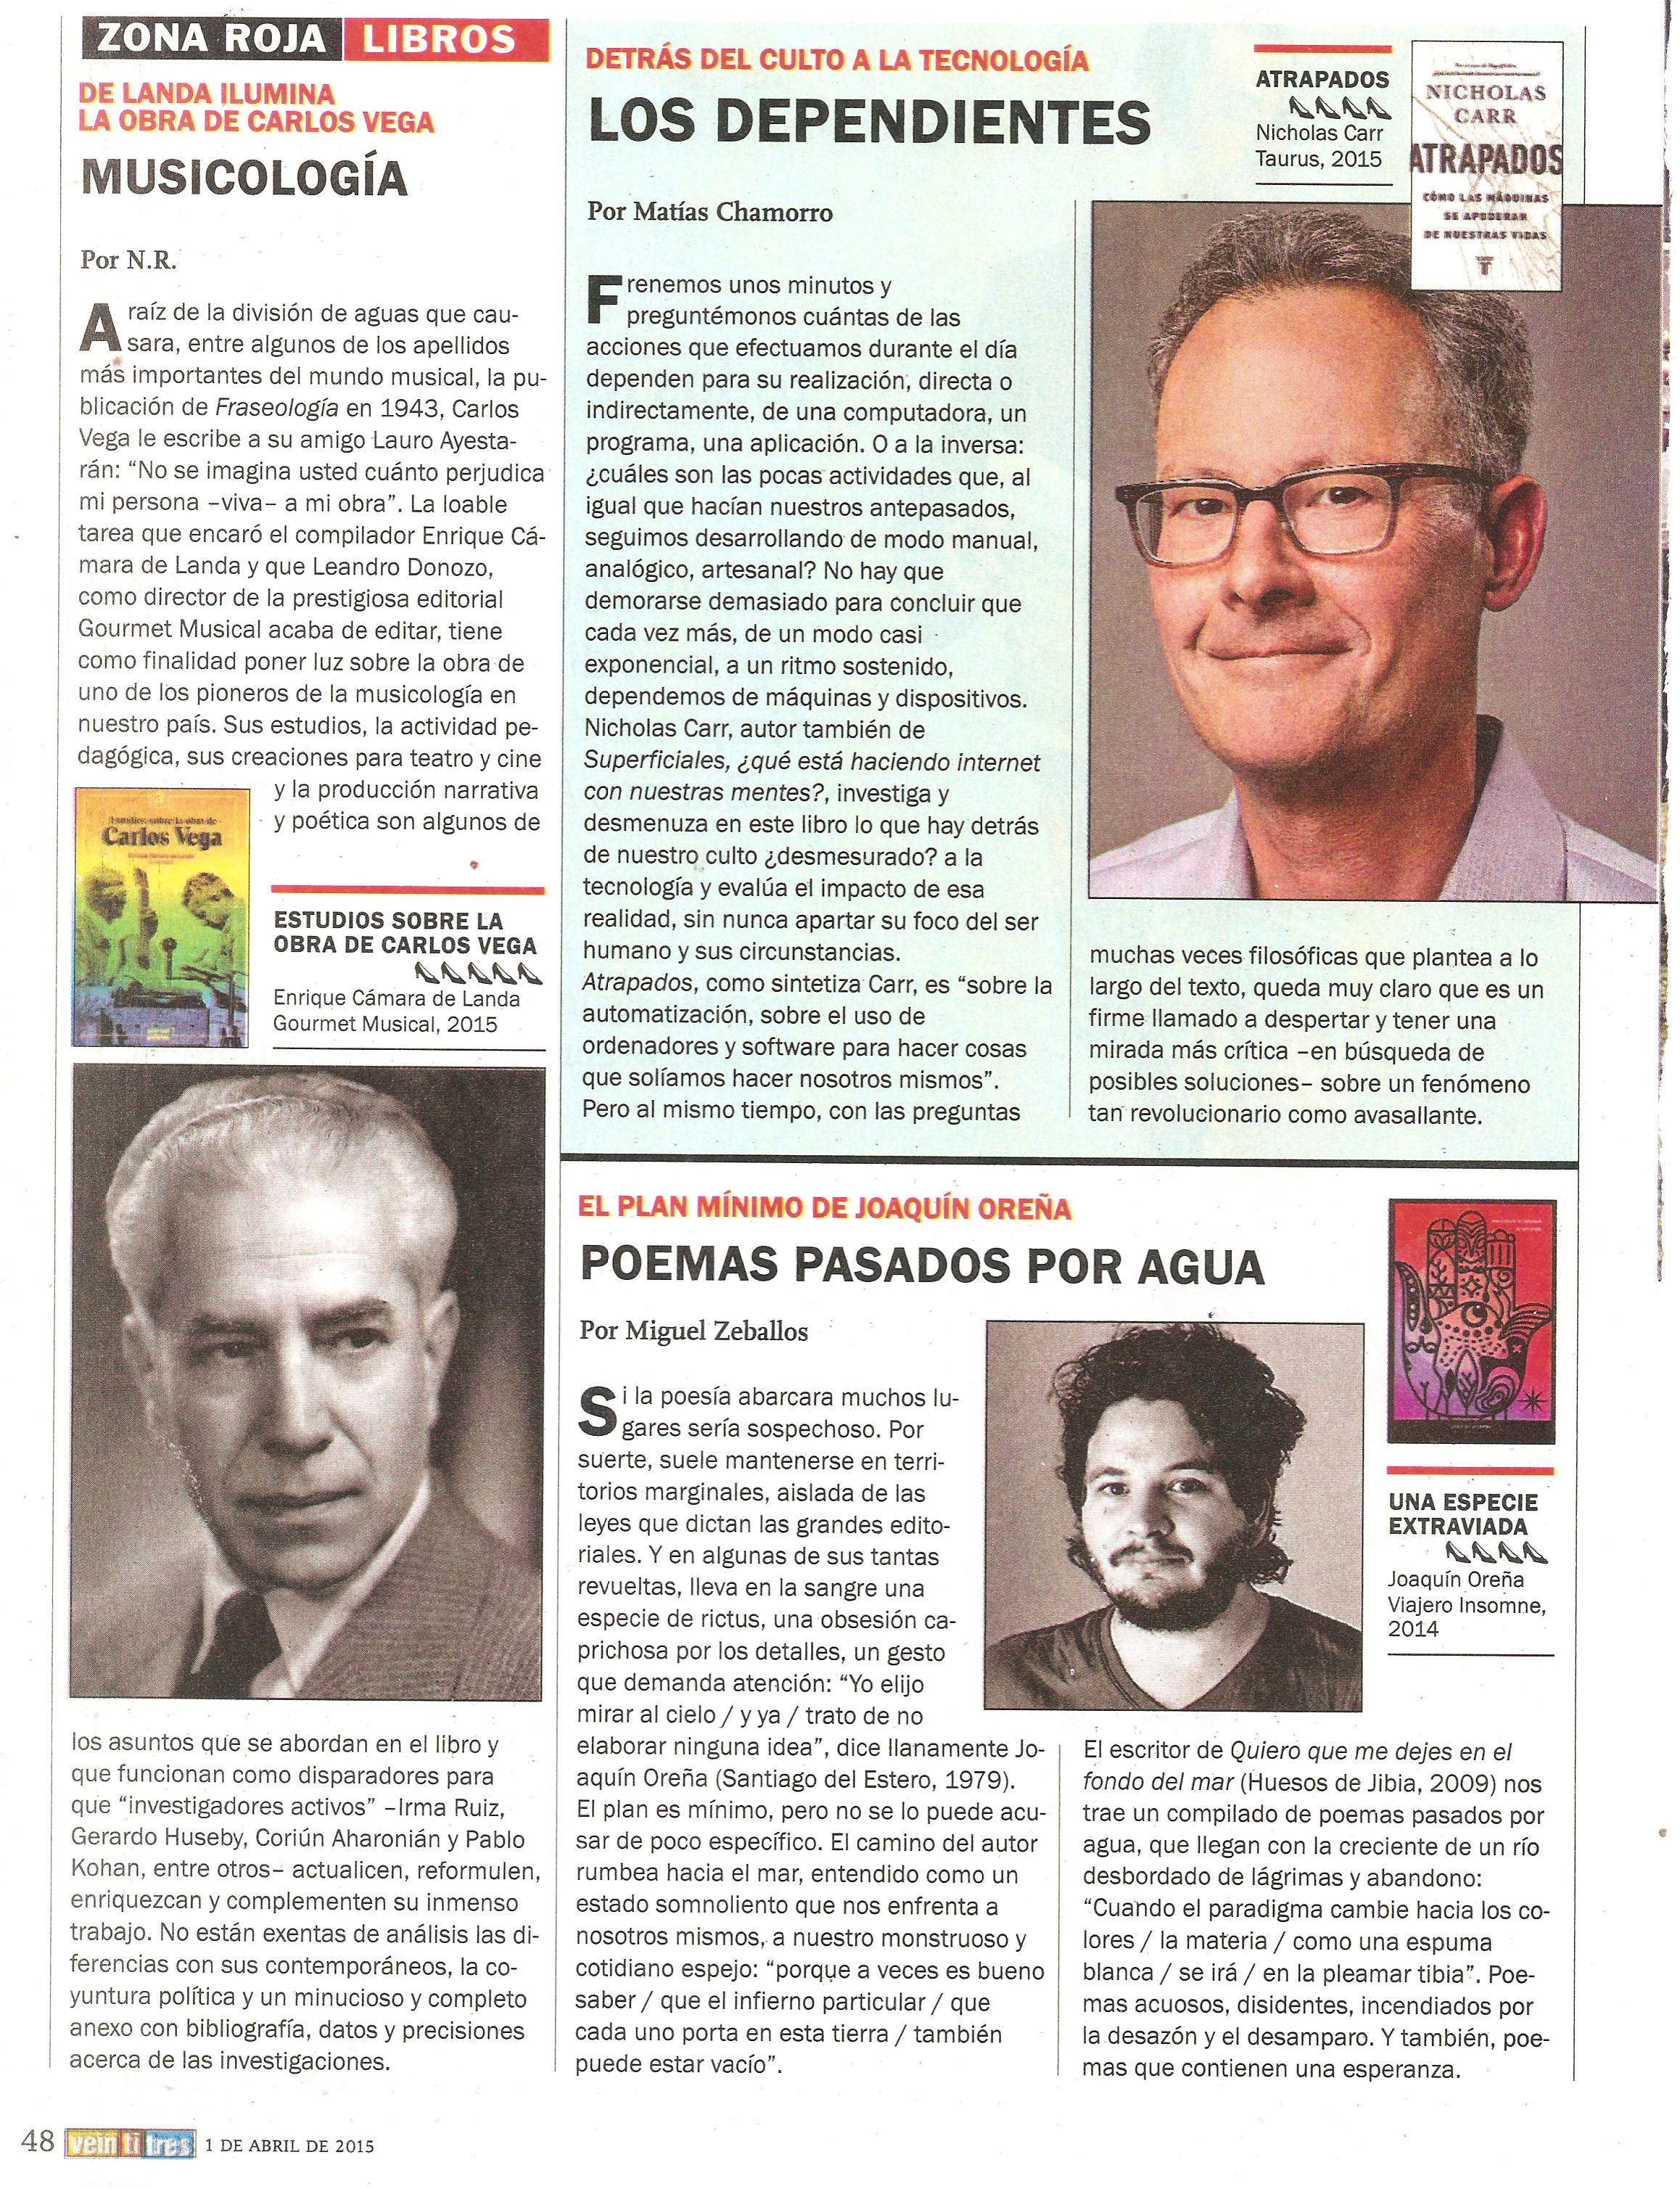 Carlos Vega en la revista Veintitrés 2 de abril